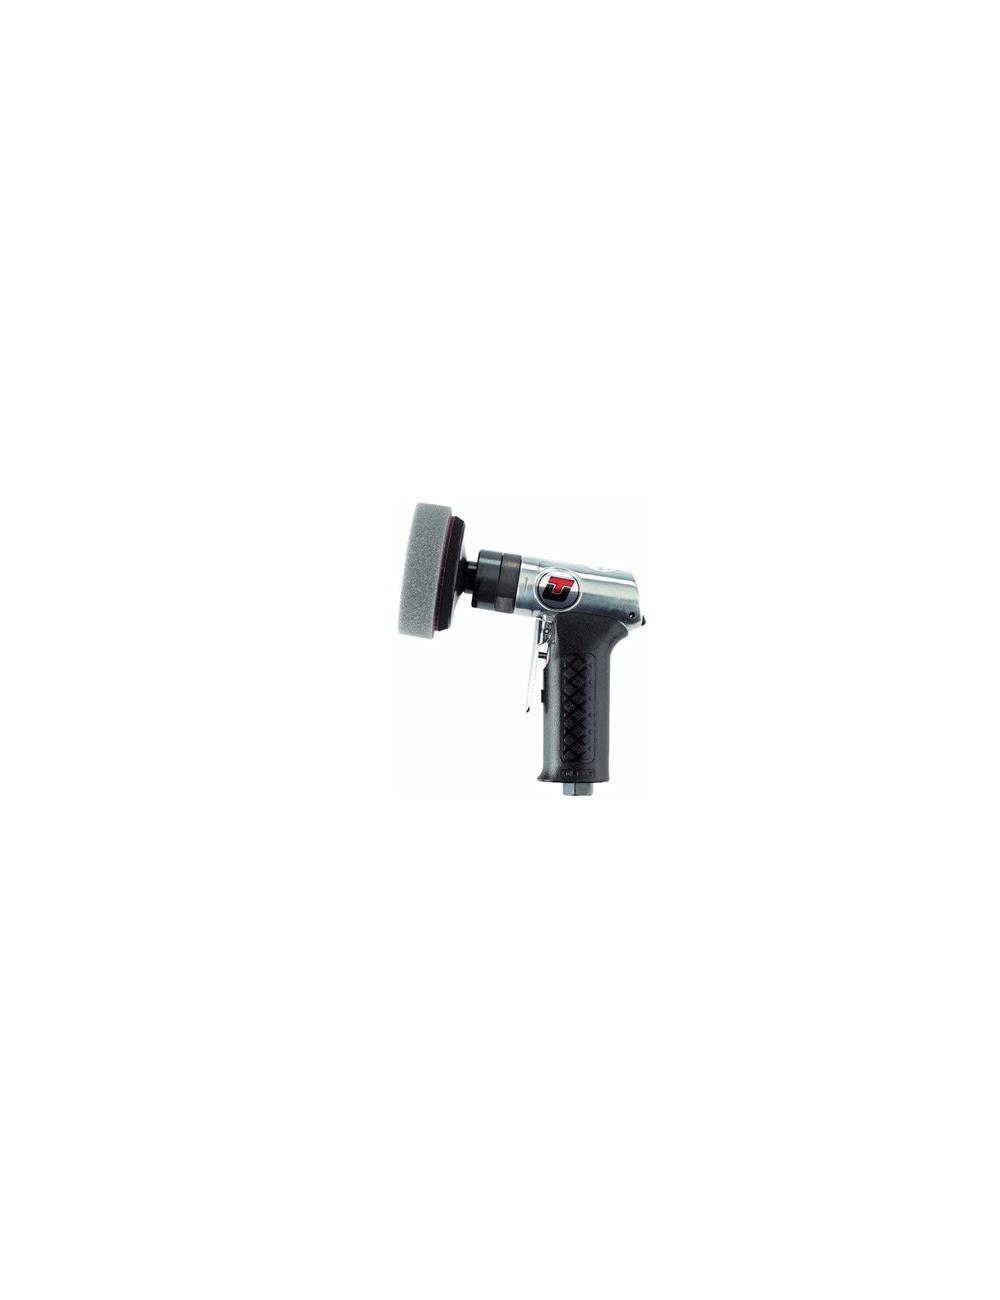 Mini polisseuse révolver Ø70 mm